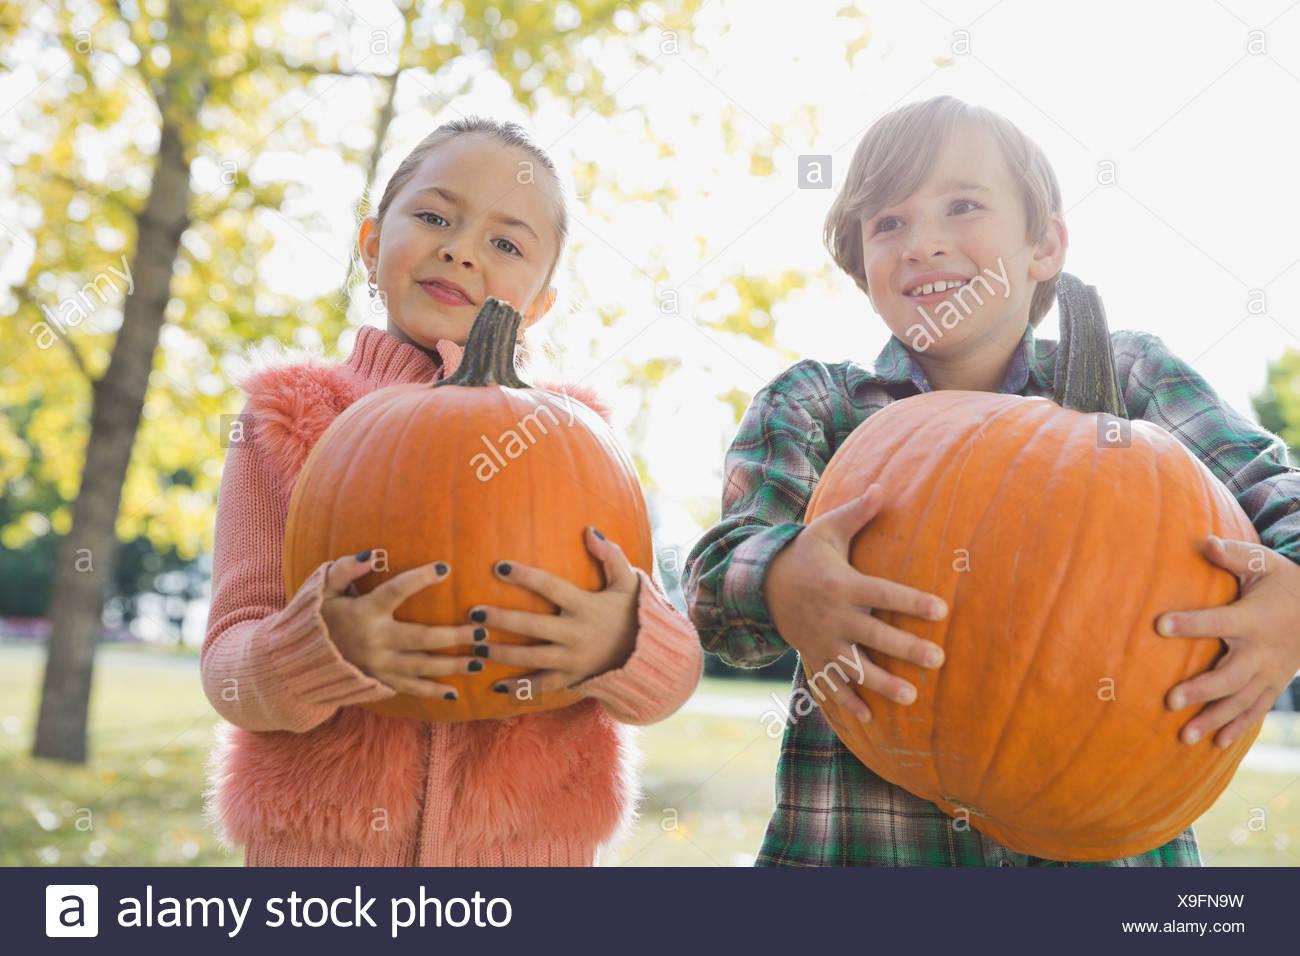 Los niños llevando calabazas Imagen De Stock